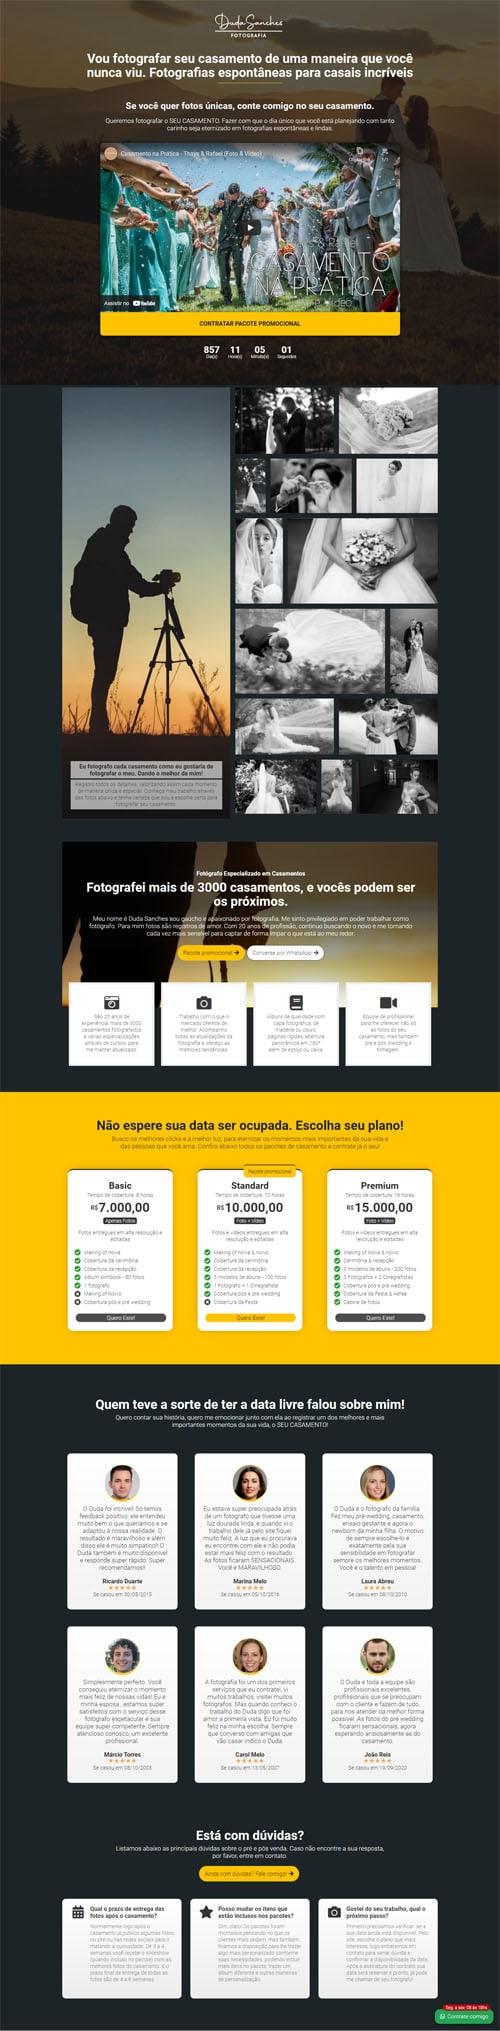 Página inicial Duda - Modelo de landing page para vender serviços, planos, produtos e cursos